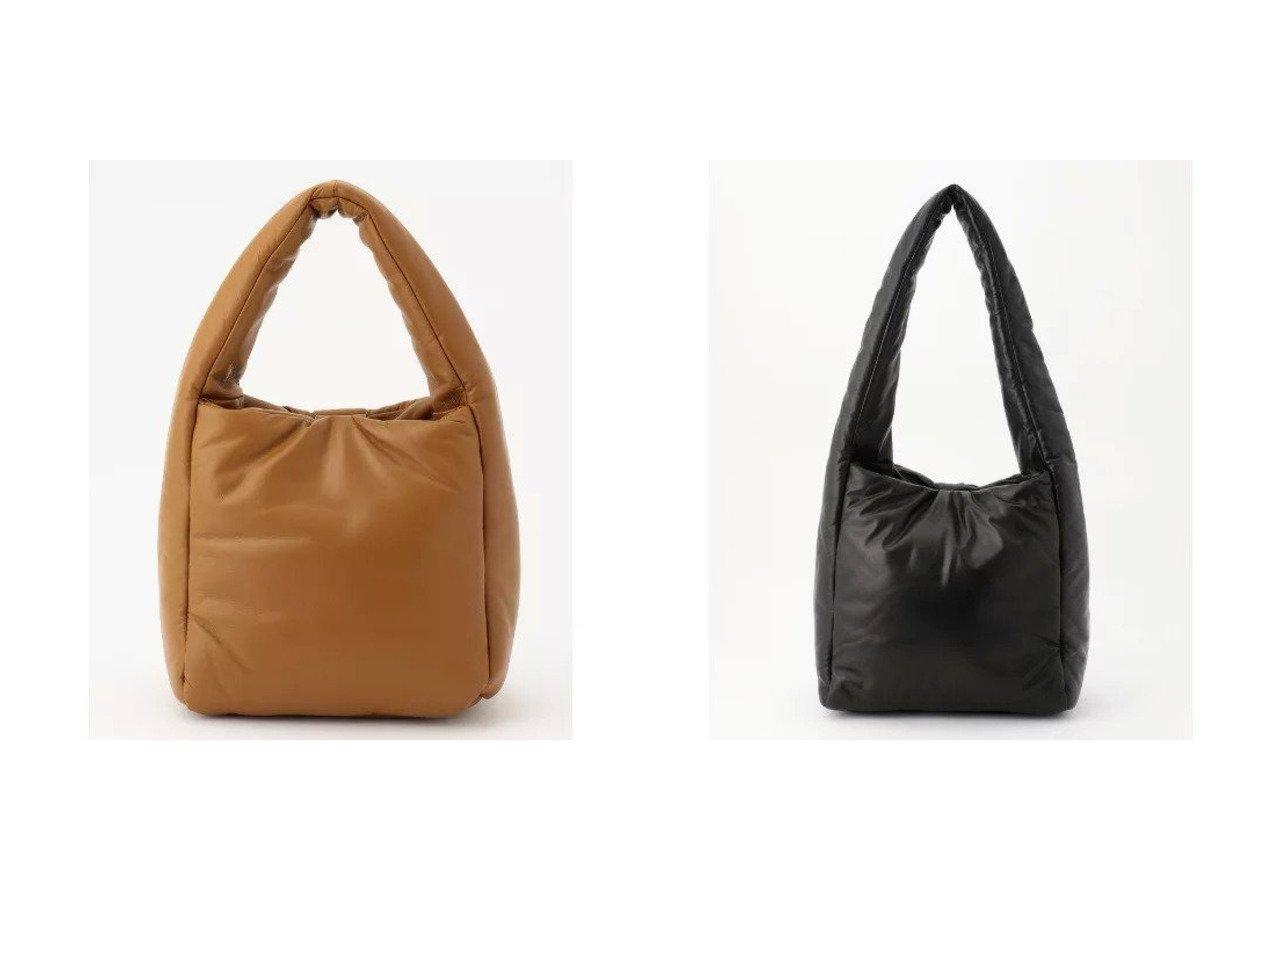 【JOSEPH/ジョゼフ】のパデッド レザーバッグ スロウチS&パデッド レザーバッグ スロウチXL バッグ・鞄のおすすめ!人気、トレンド・レディースファッションの通販  おすすめで人気の流行・トレンド、ファッションの通販商品 メンズファッション・キッズファッション・インテリア・家具・レディースファッション・服の通販 founy(ファニー) https://founy.com/ ファッション Fashion レディースファッション WOMEN トレンド バランス フォルム モダン ラグジュアリー シンプル ビッグ ロング 今季  ID:crp329100000009938